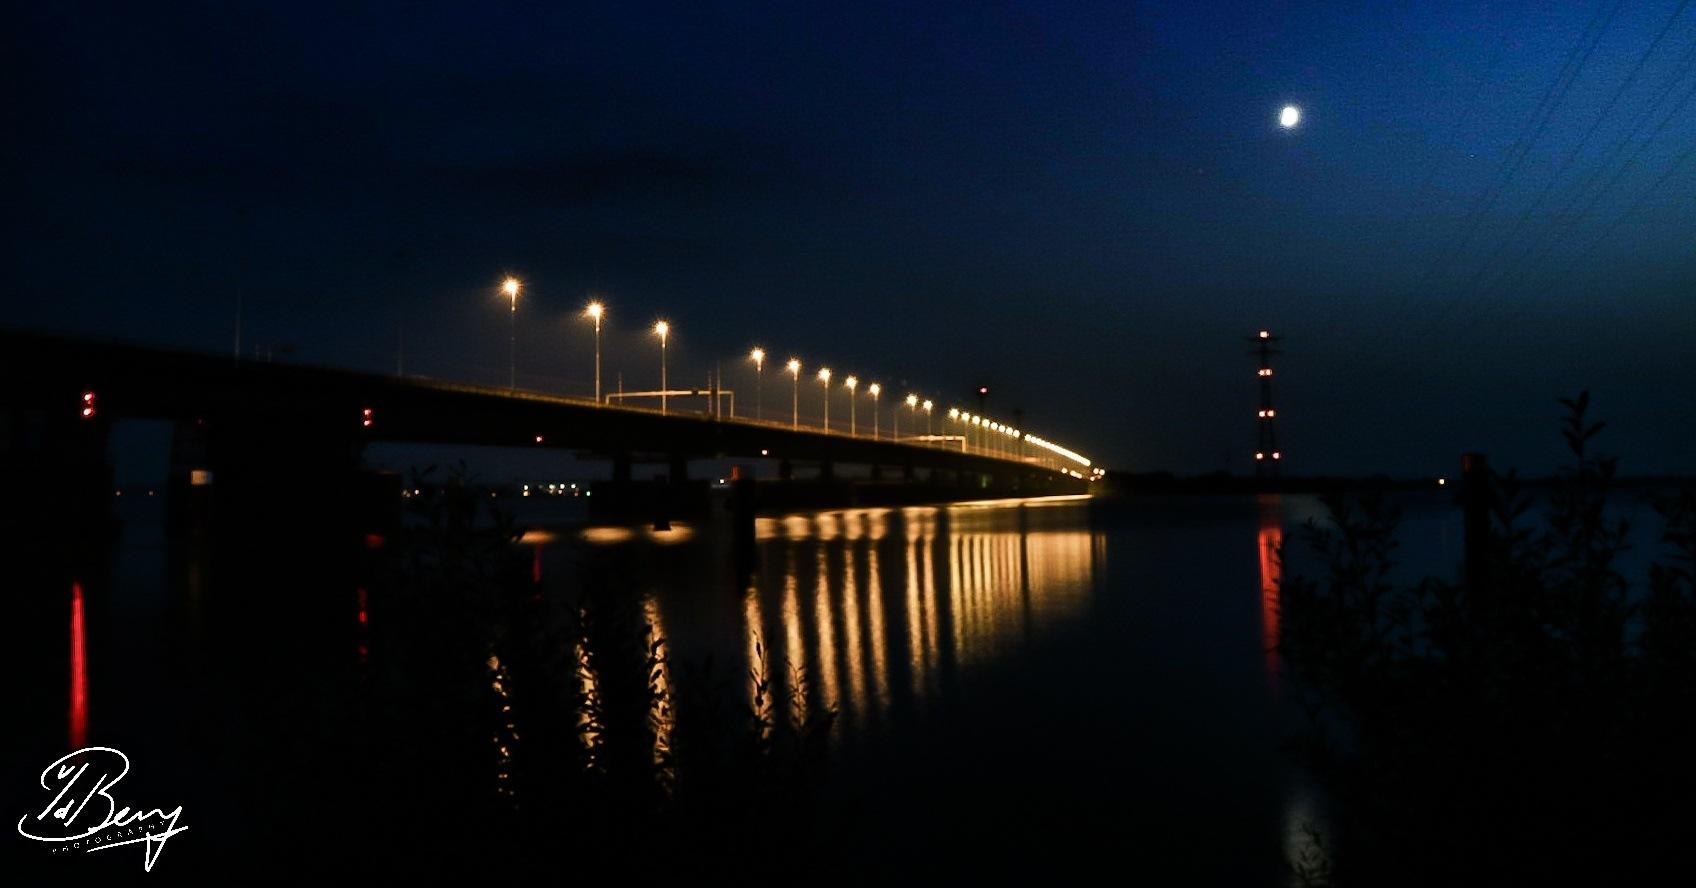 bridge by night by Sebastiaan van den Berg